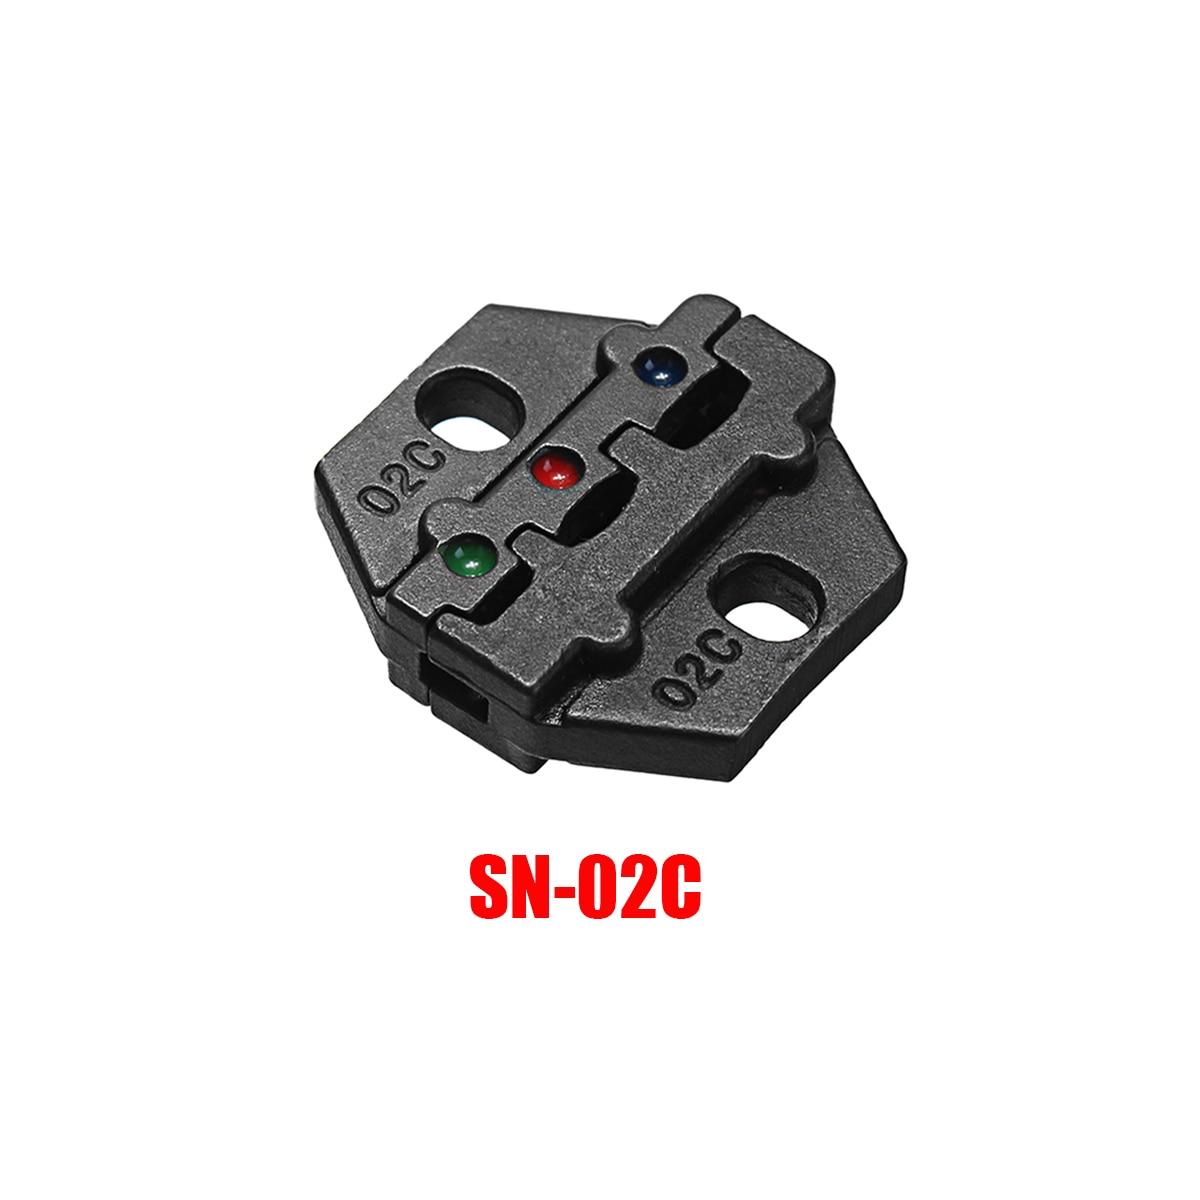 Liga de aço morre conjuntos para SN-02C friso alicate série mão friso ferramenta 0.25-2.5mm2 14-24awg jaws